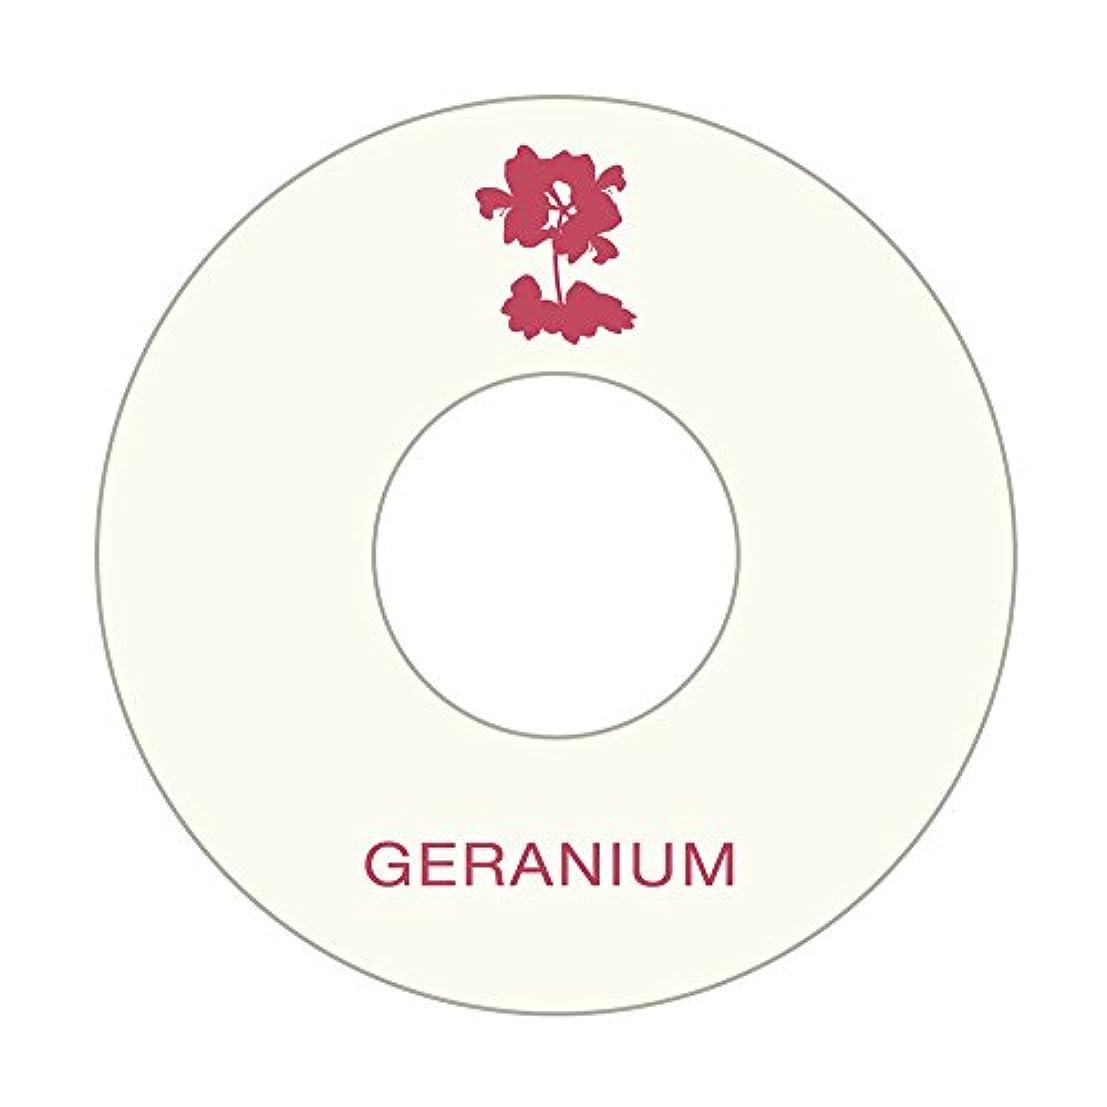 従う論理テクスチャーアロマシートセット (ゼラニウム10枚)